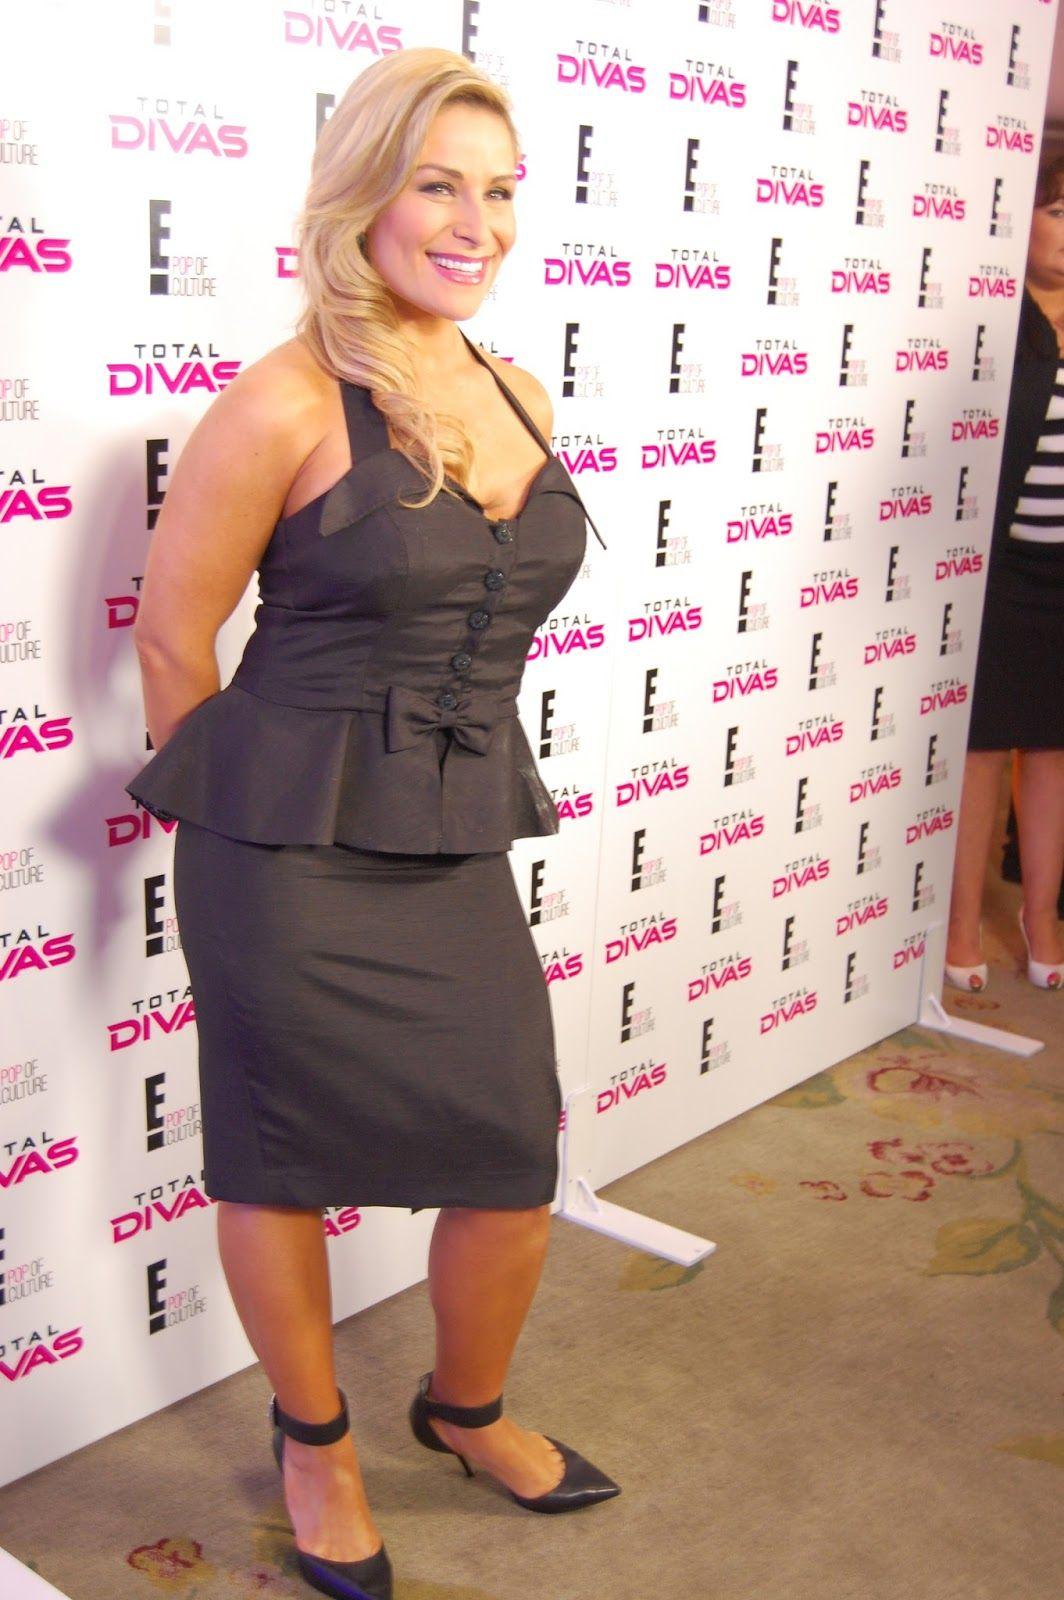 Natalya Neidhart · Wwe Divas